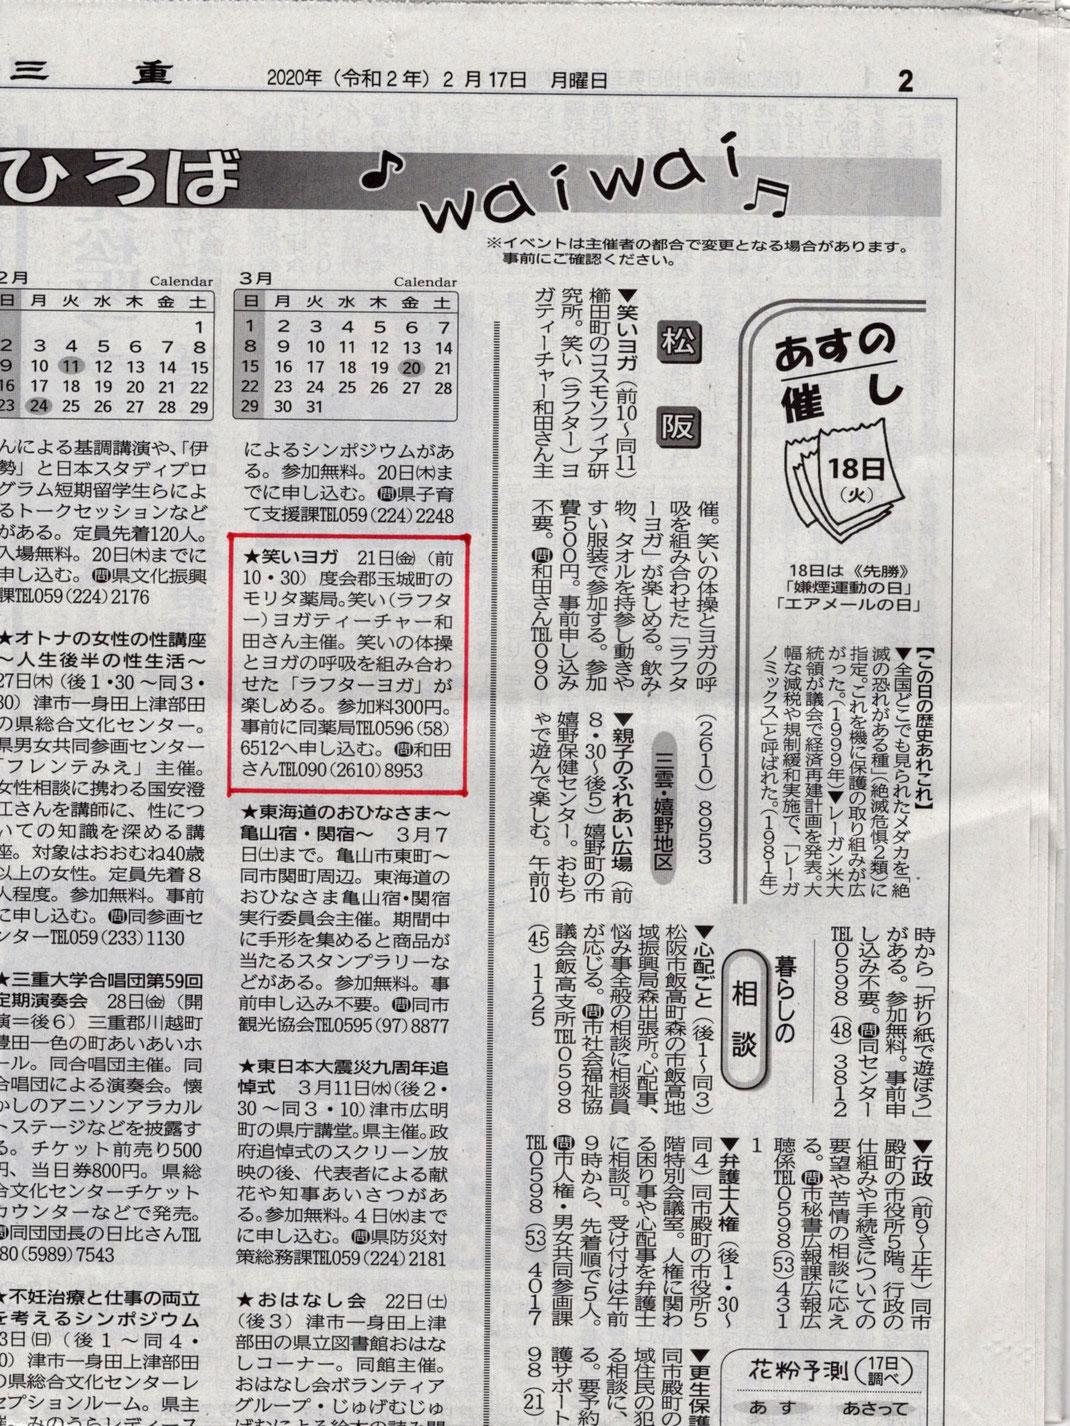 夕刊三重モリタ薬局笑いヨガ20200217掲載